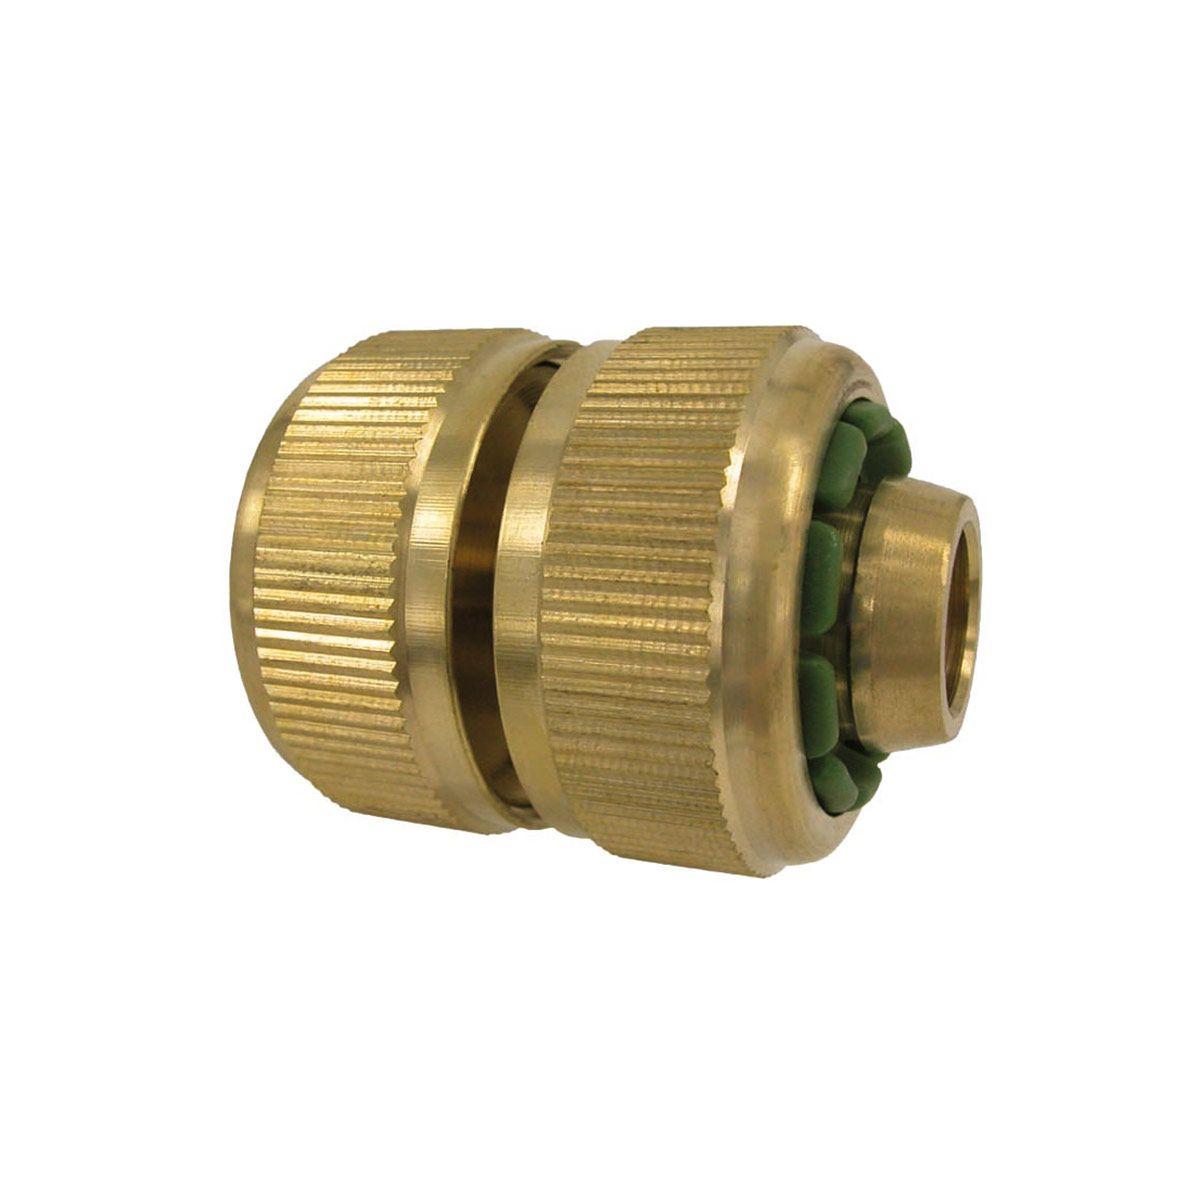 Schlauchverbinder, aus Messing, 1/2' LW 13 mm, 5/8' LW 16 mm